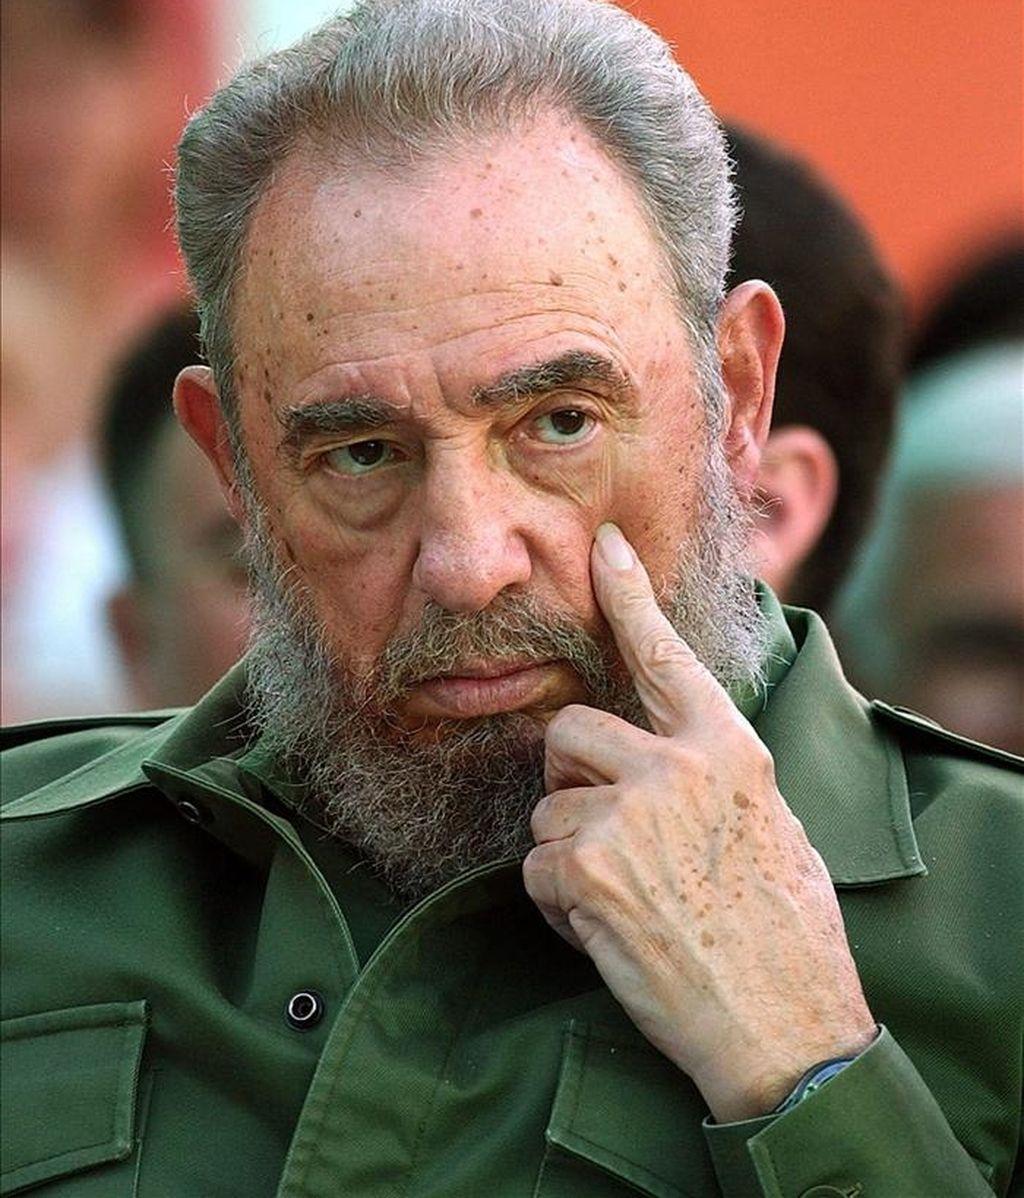 """""""Como pieza literaria y elogio justo a los que lo merecían, se le puede otorgar un premio. Como discurso político dejó mucho que desear"""", escribe Fidel Castro. EFE/Archivo"""